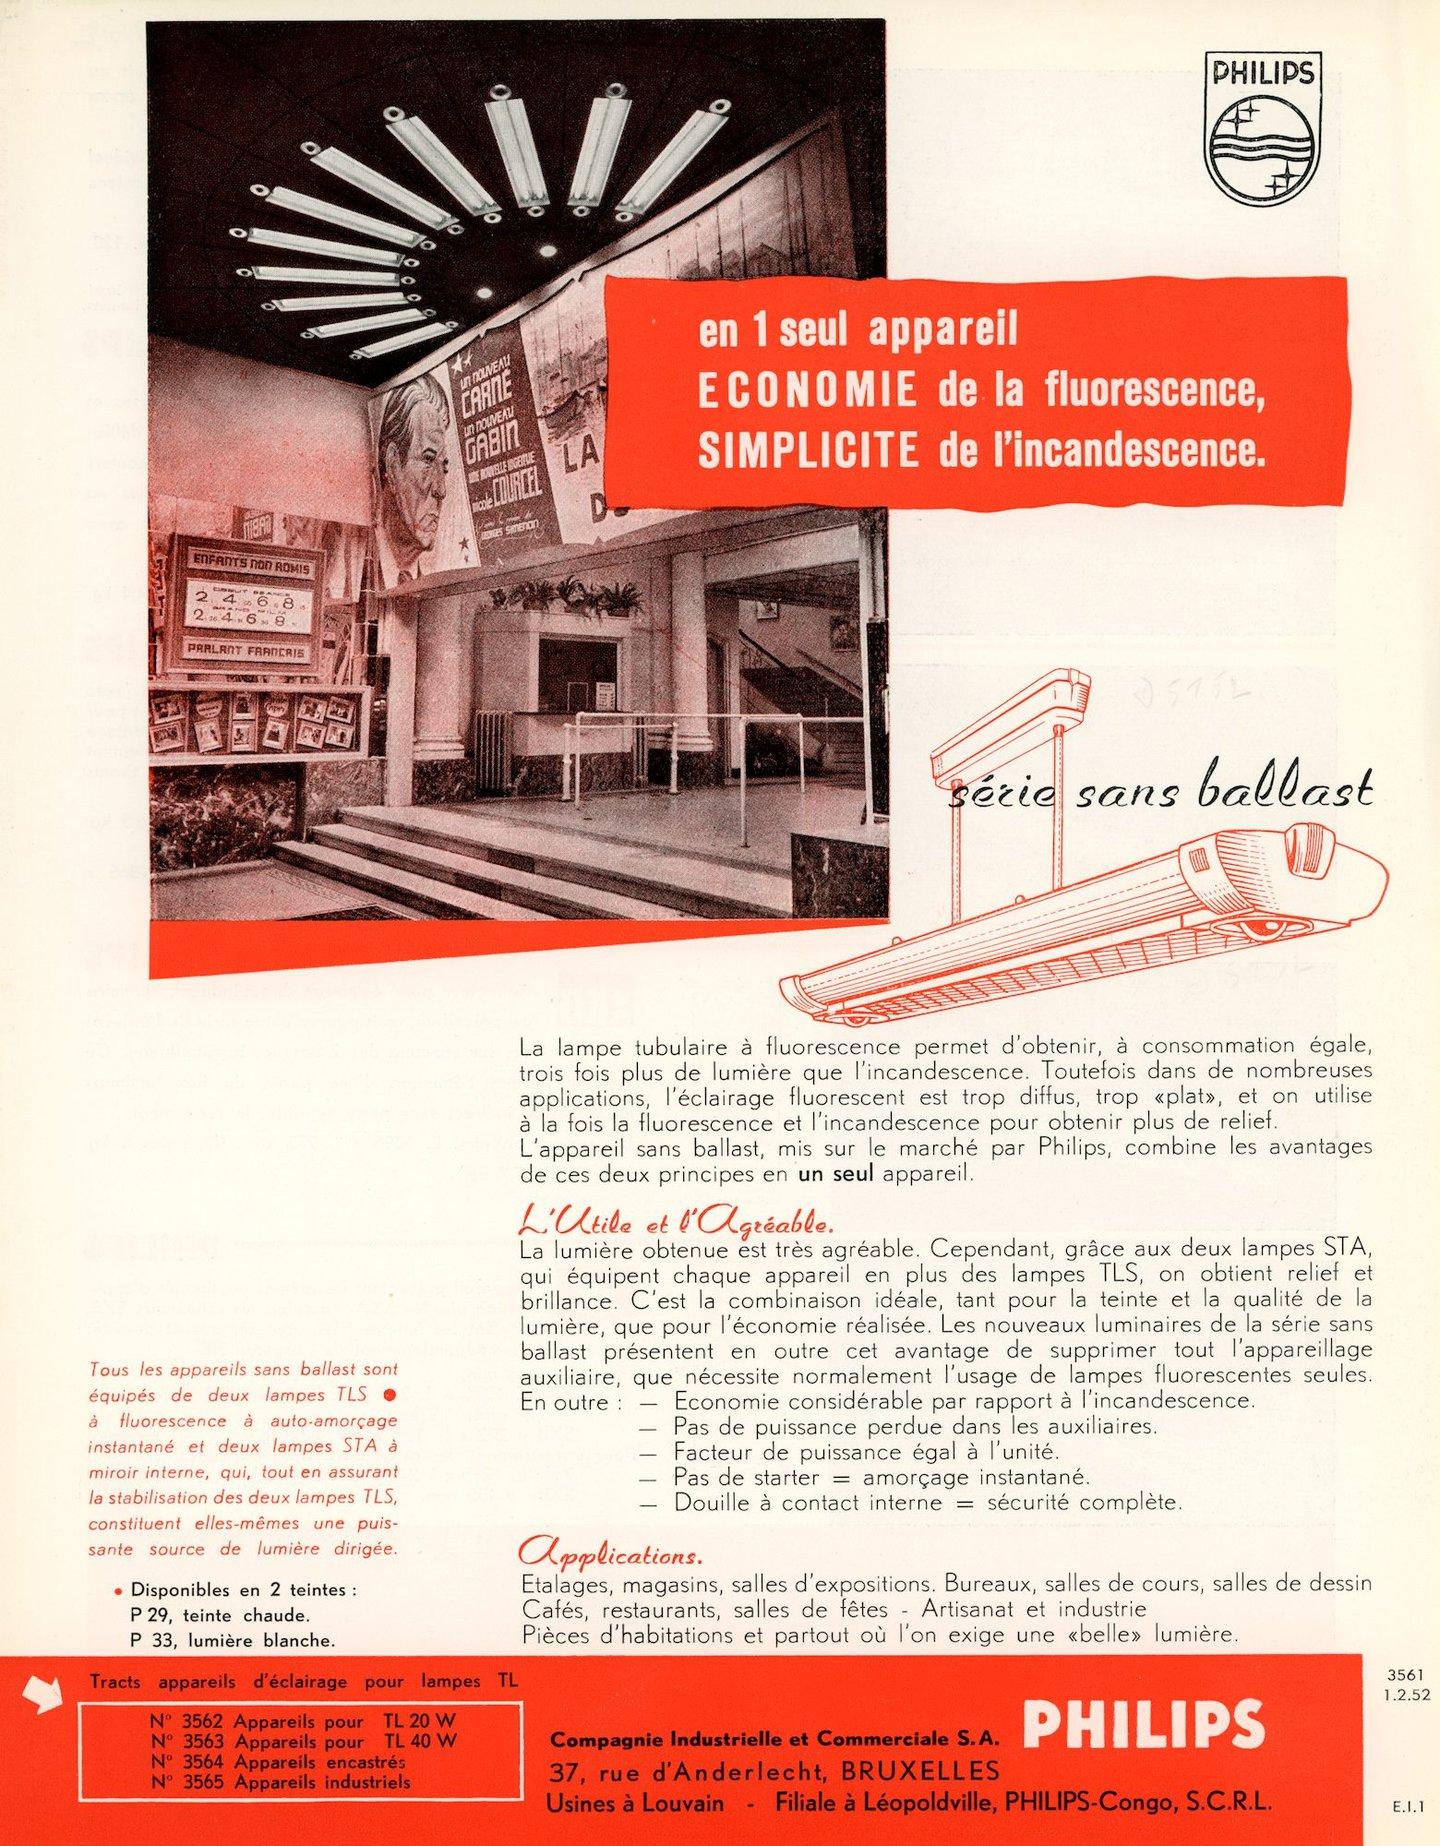 Productinformatie over buisvormige fluorescentielampen van het merk Philips